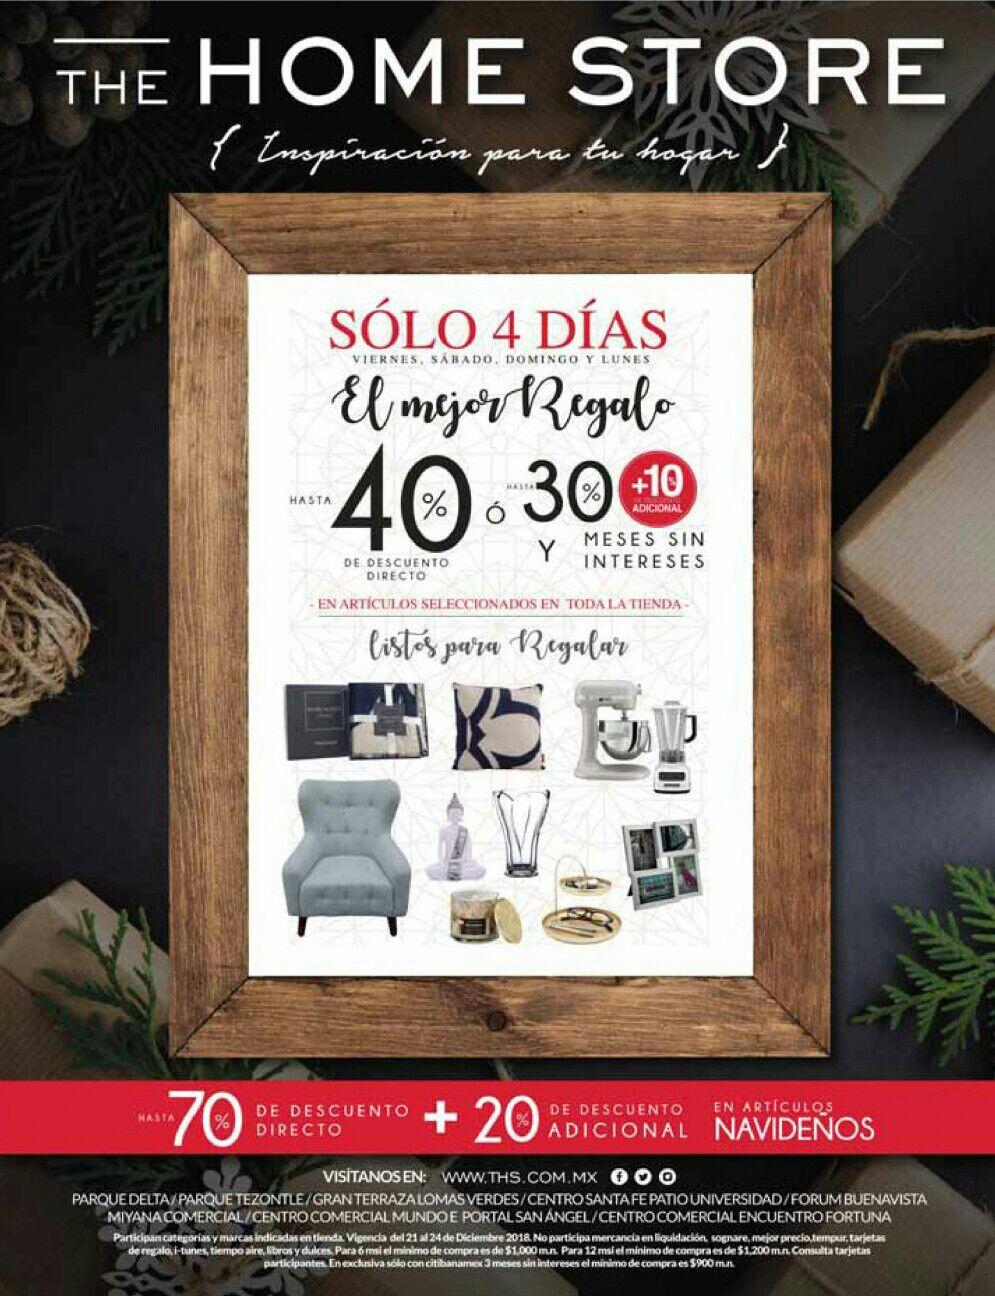 The Home Store: Hasta 40% de descuento directo... ó... hasta 30% + 10% adicional y MSI